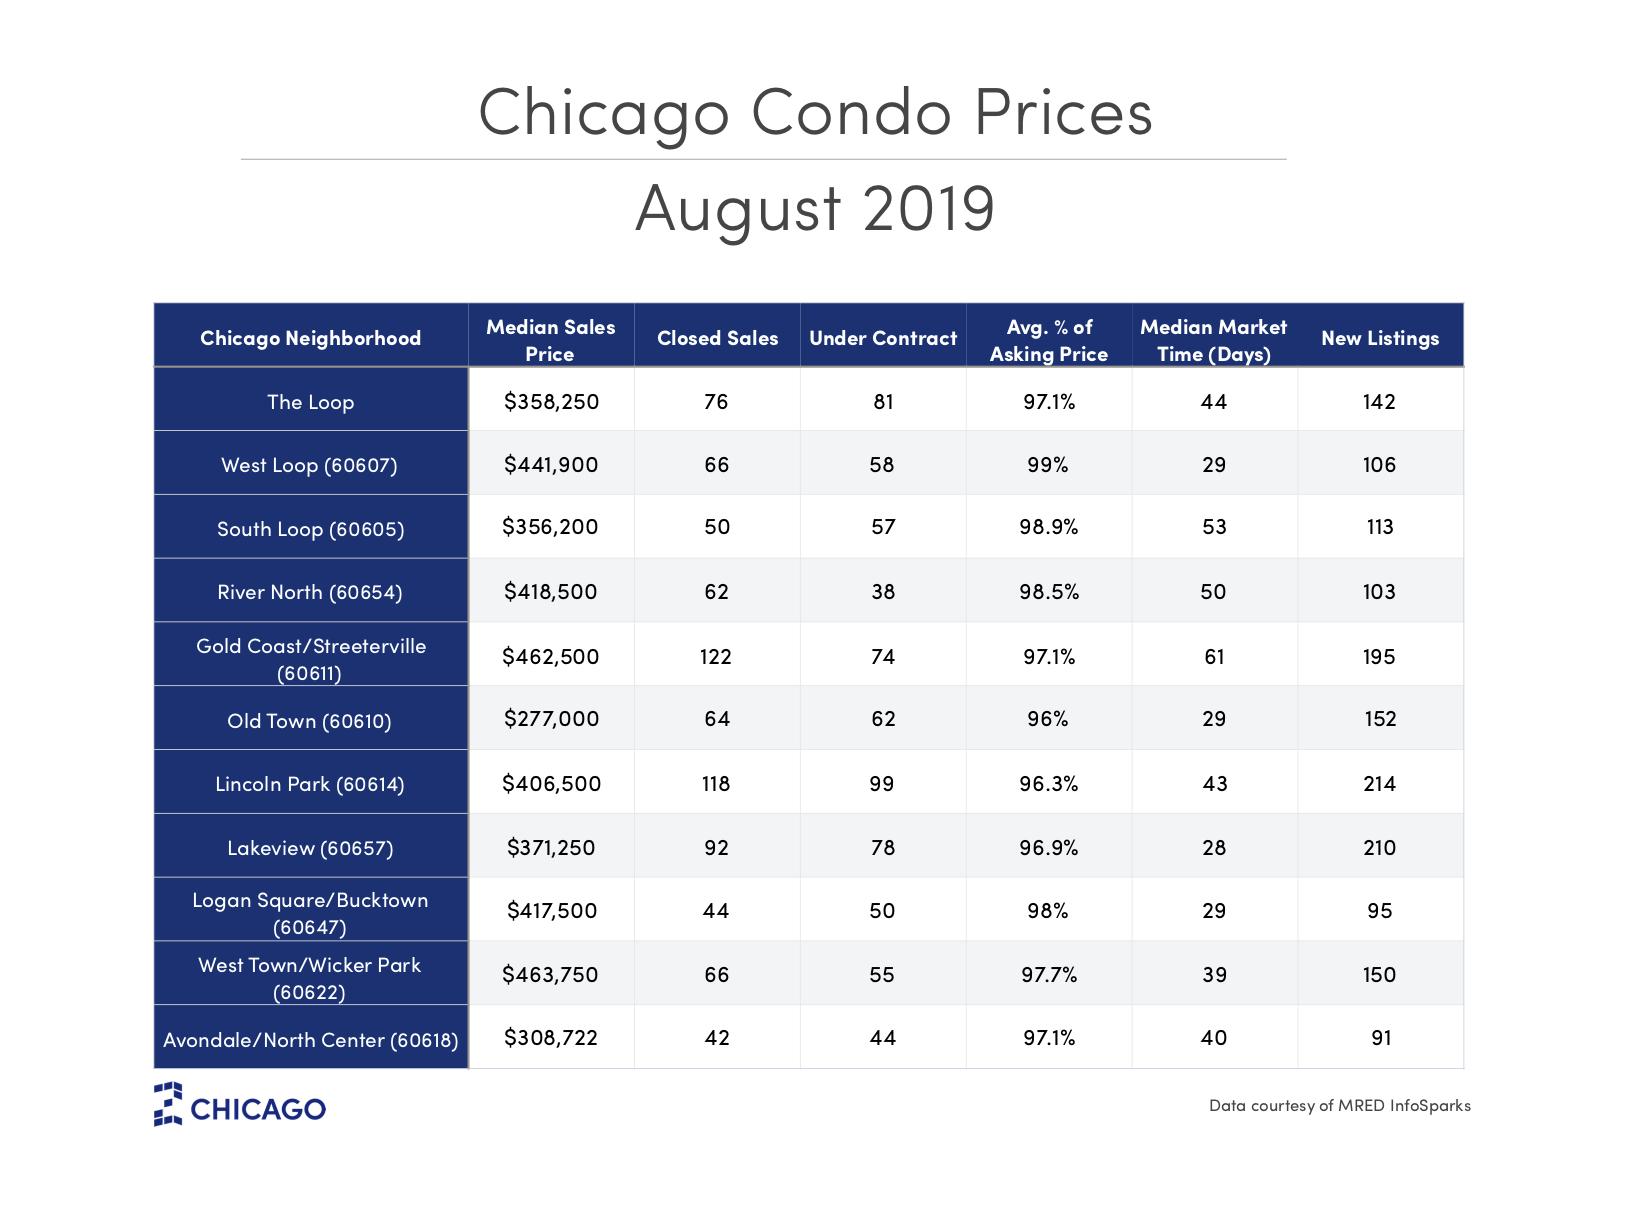 Chicago Condo Prices - September 2019